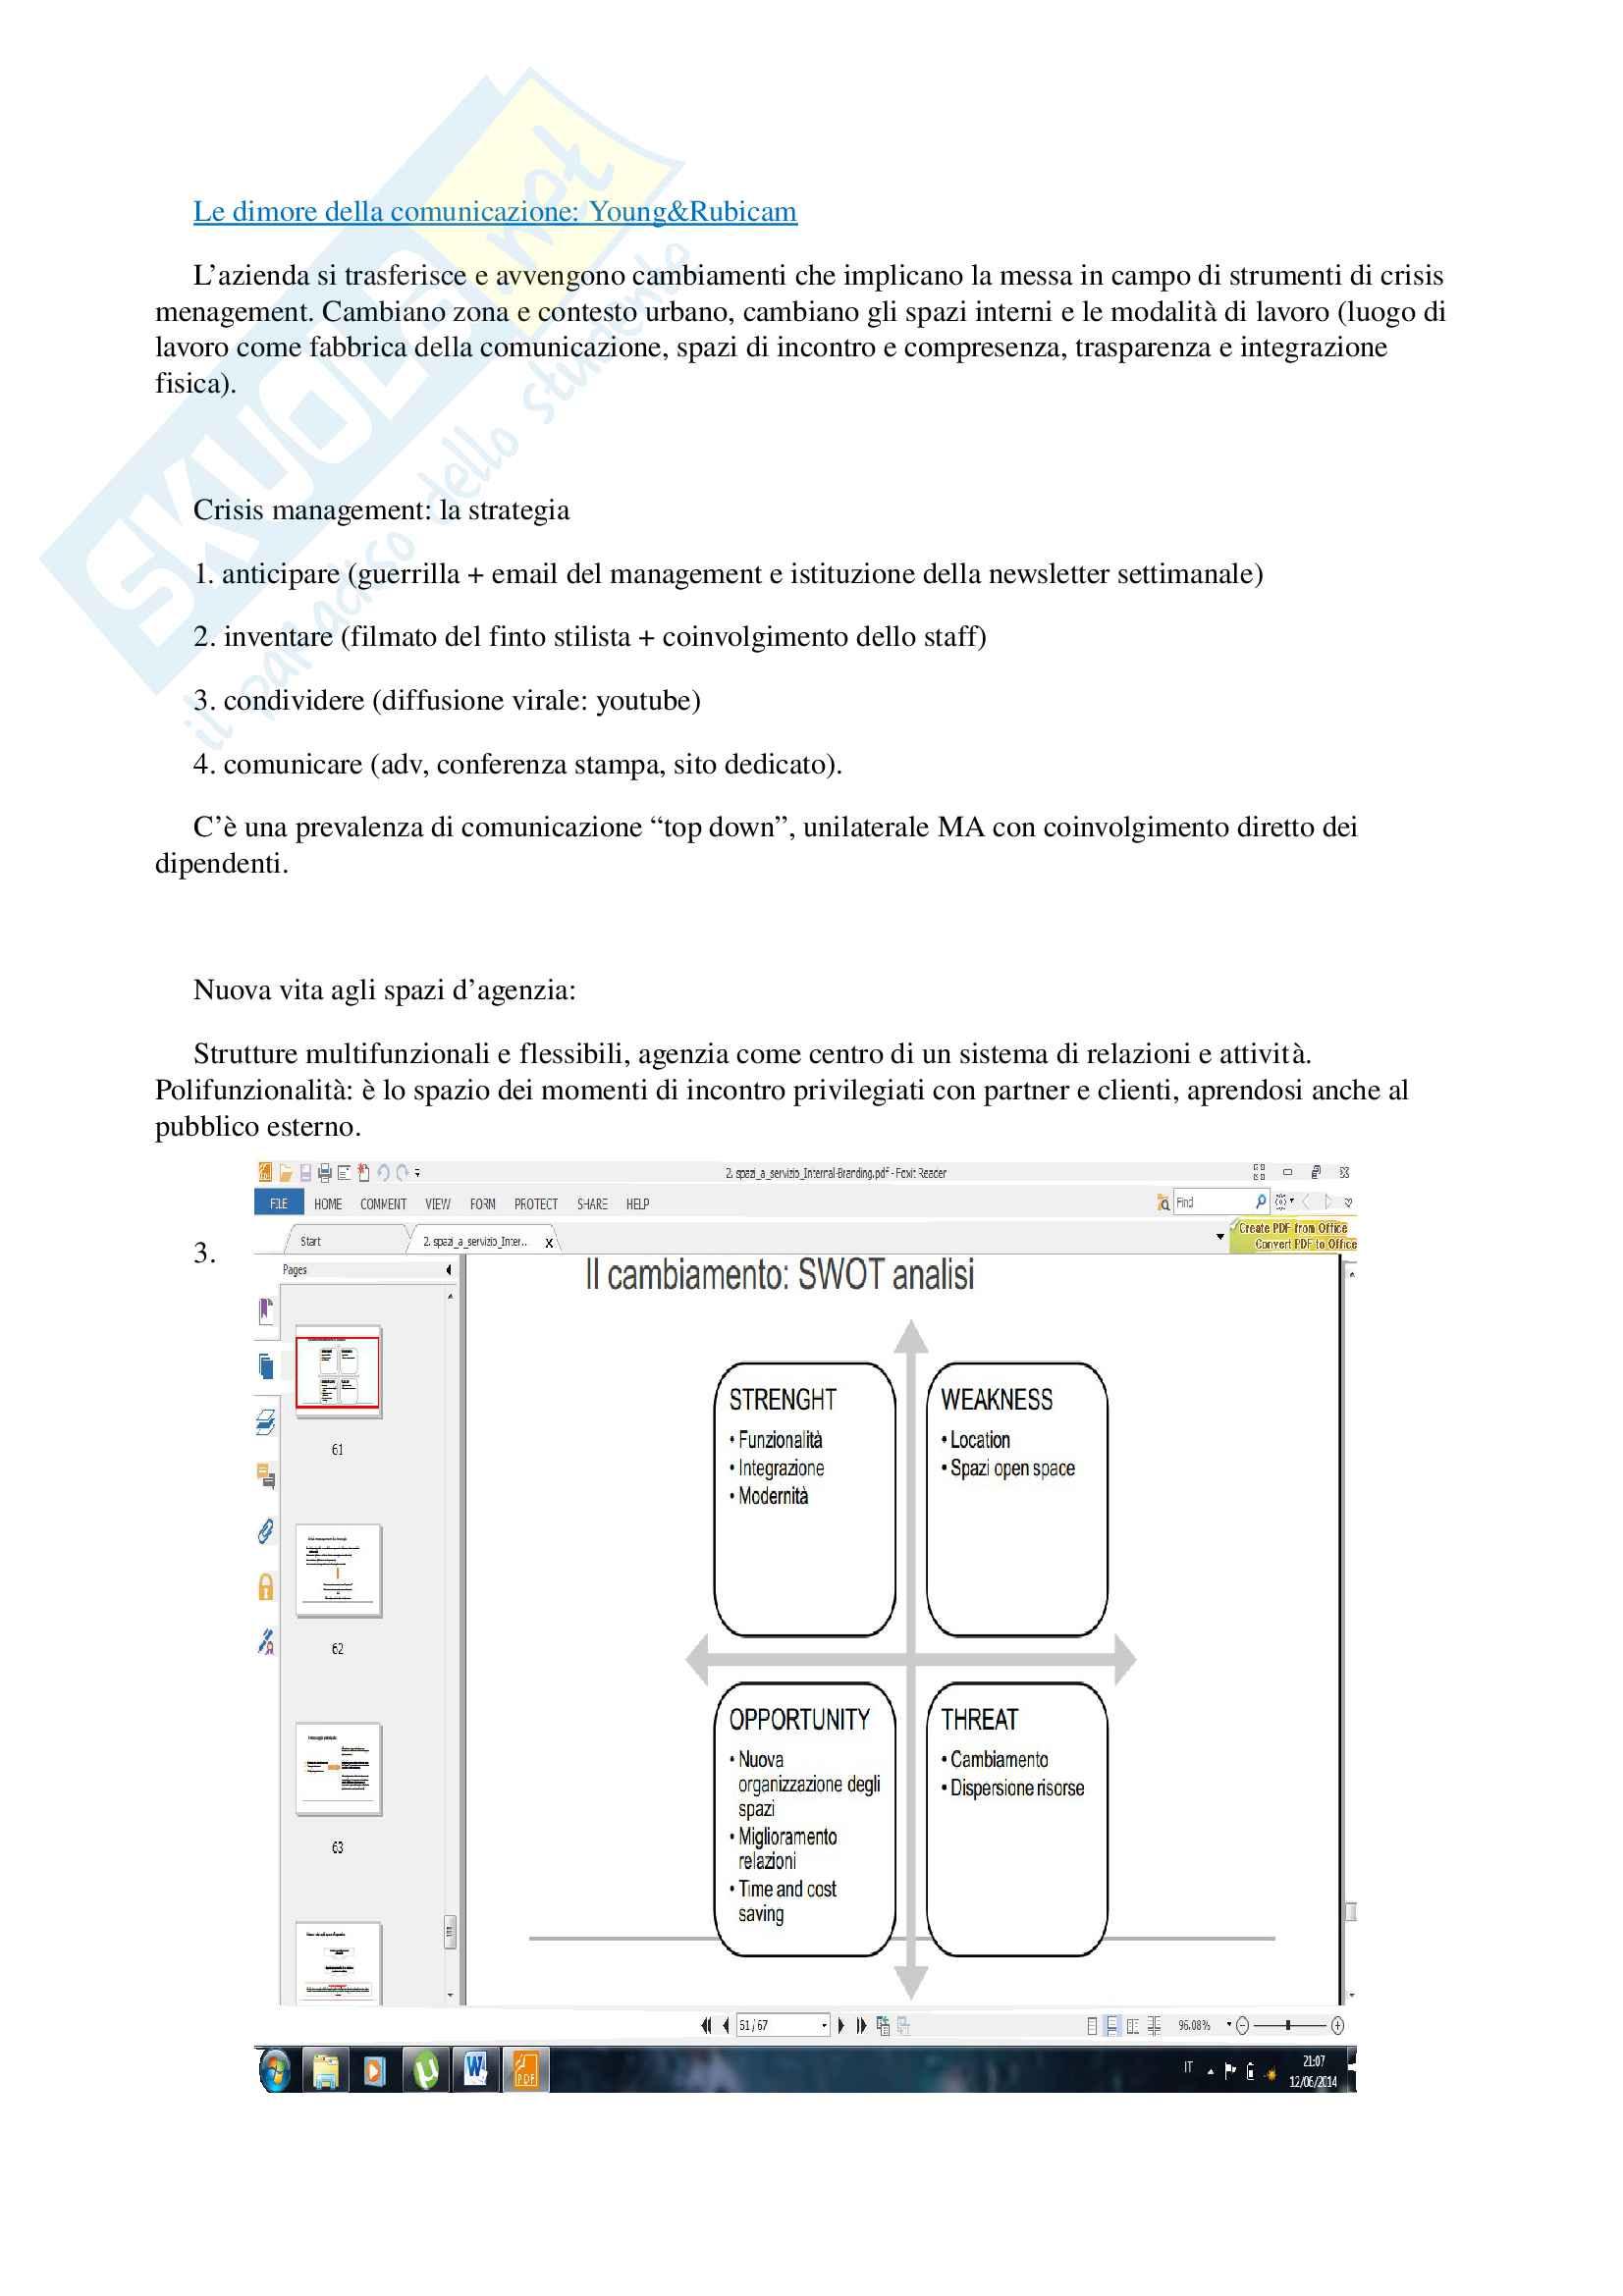 Appunti per esame di storia e linguaggi della pubblicità, prof. Musso, libro consigliato 'Brand Reloading - Patrizia Musso' Pag. 36